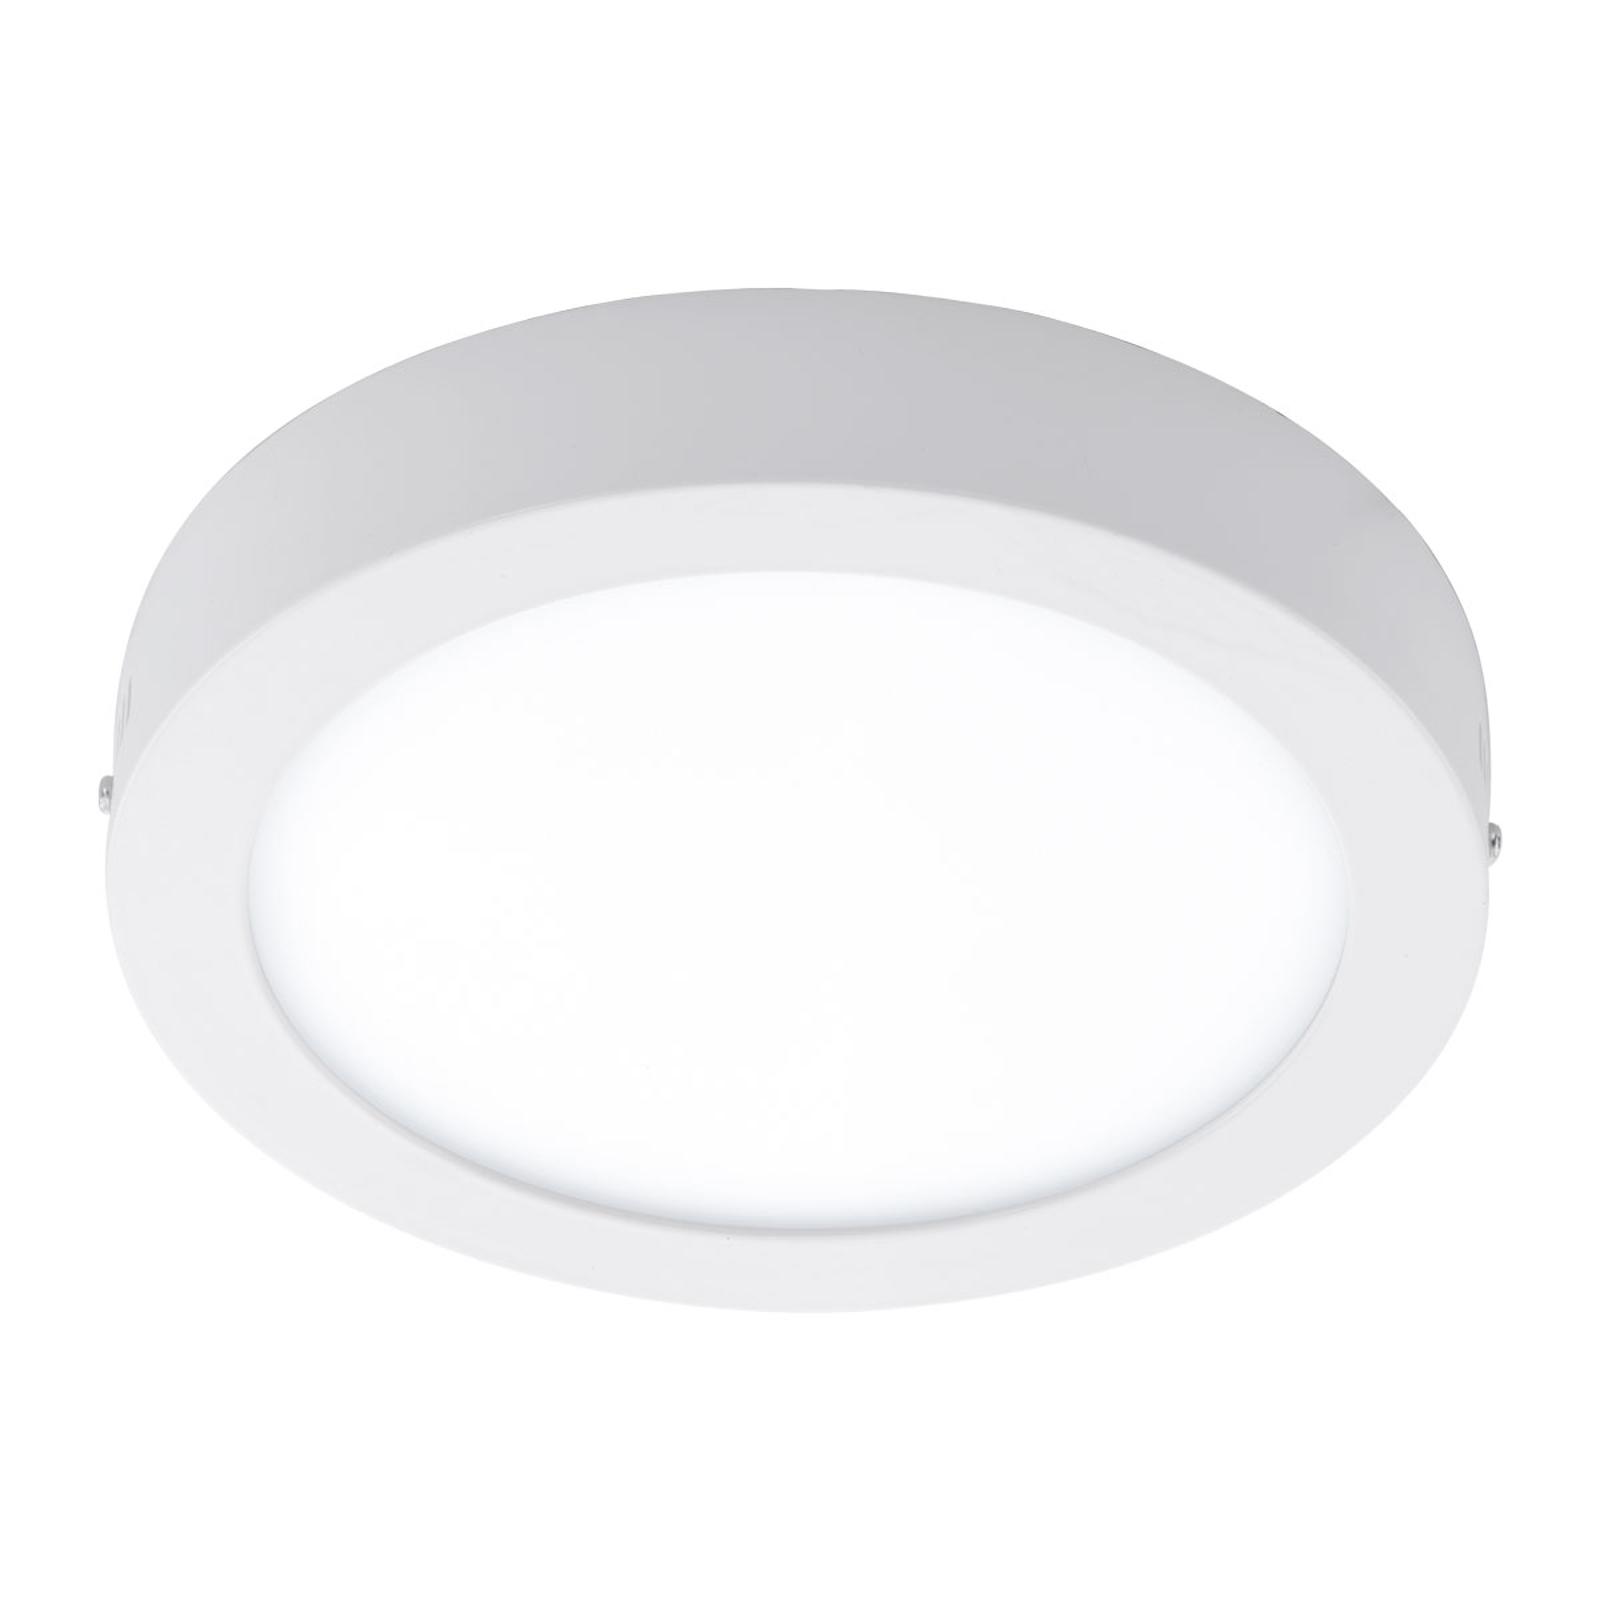 EGLO connect Argolis-C lampe extérieur rond blanc